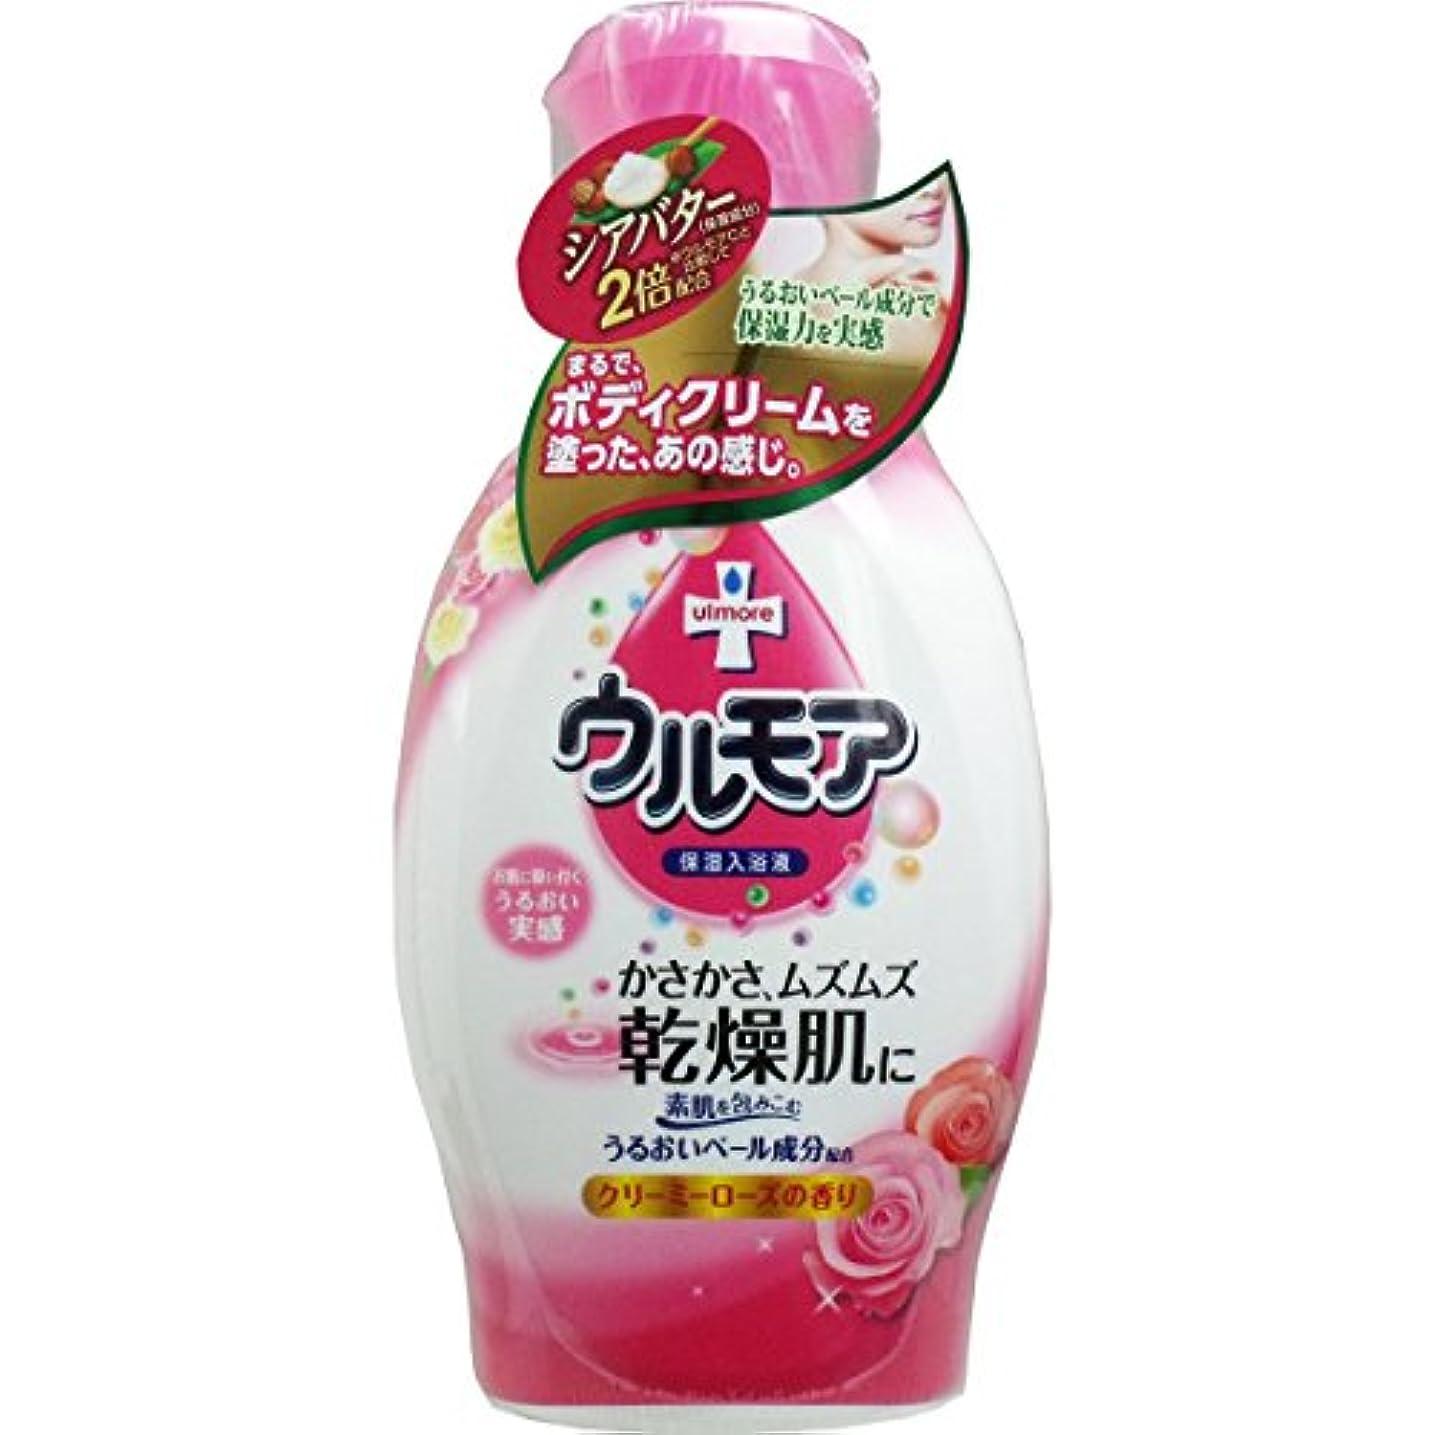 はちみつ交響曲実質的【アース製薬】保湿入浴液ウルモアクリーミーローズの香り 600ml ×10個セット